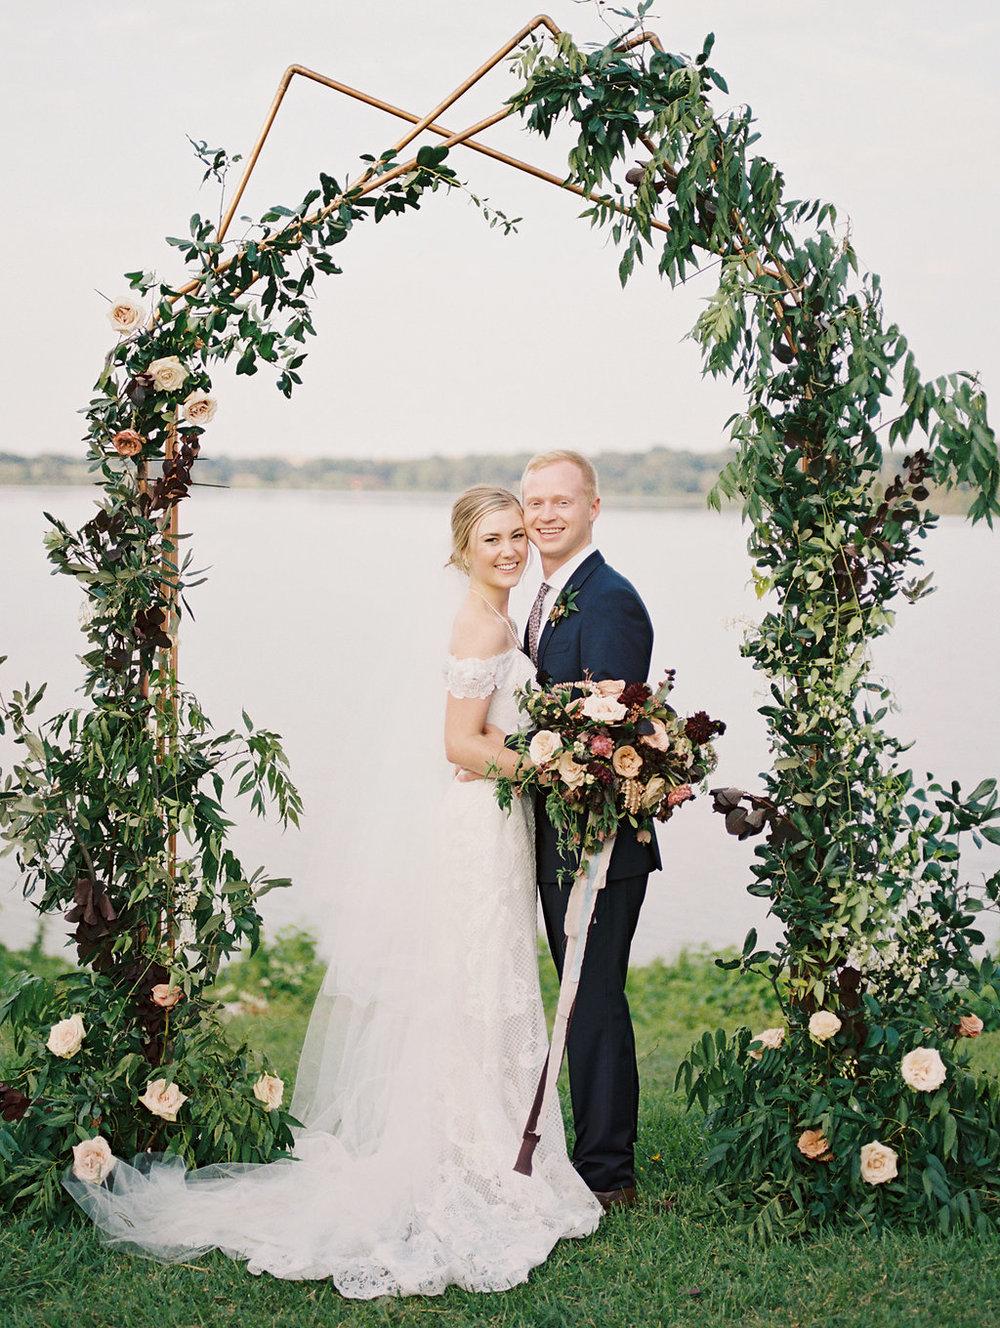 Modern, Minimalist Wedding Flowers - Wedding Flowers Dallas